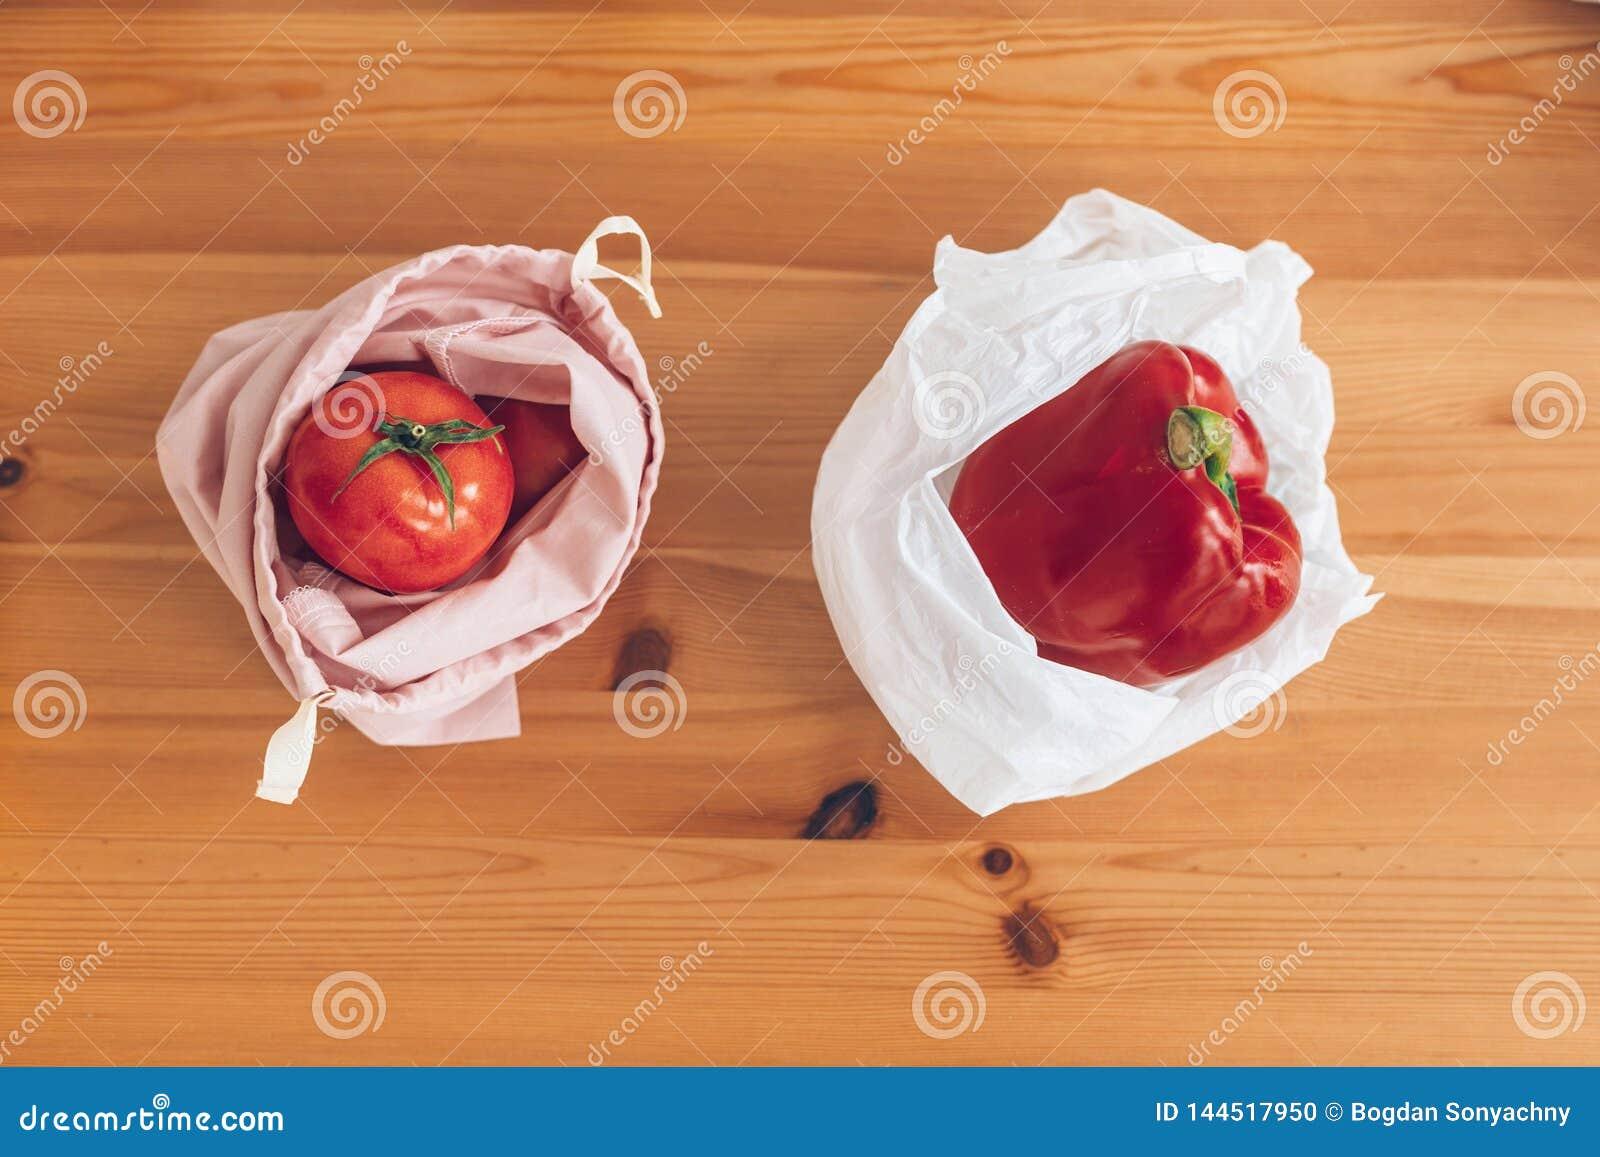 Compras inútiles cero, endecha plana Ultramarinos frescos en bolsos reutilizables del eco y verduras en bolso de polietileno plás